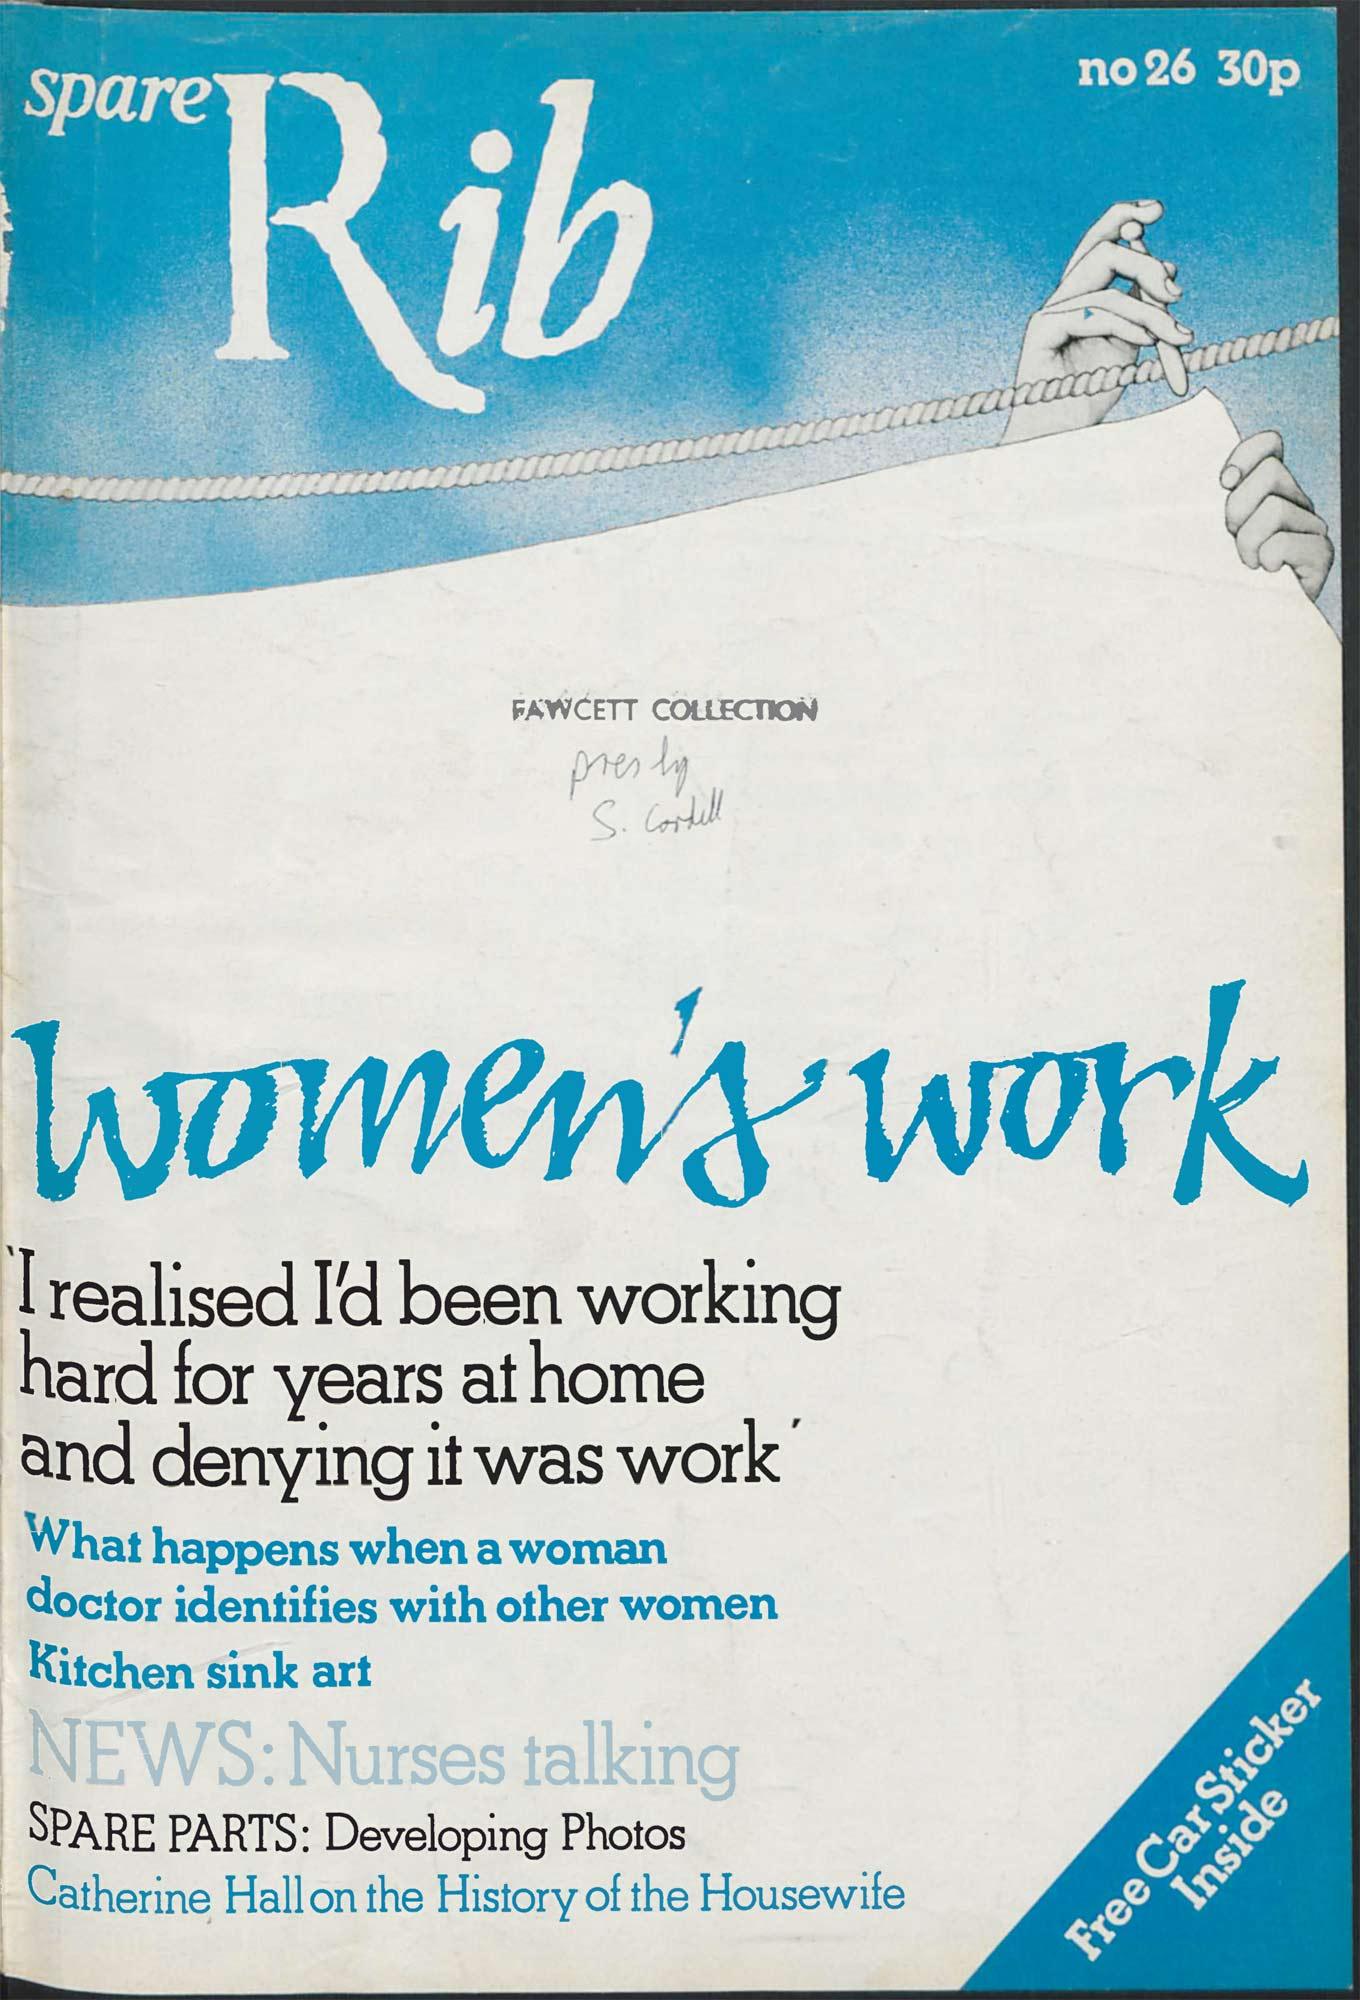 Spare Rib magazine issue 26 p. 1